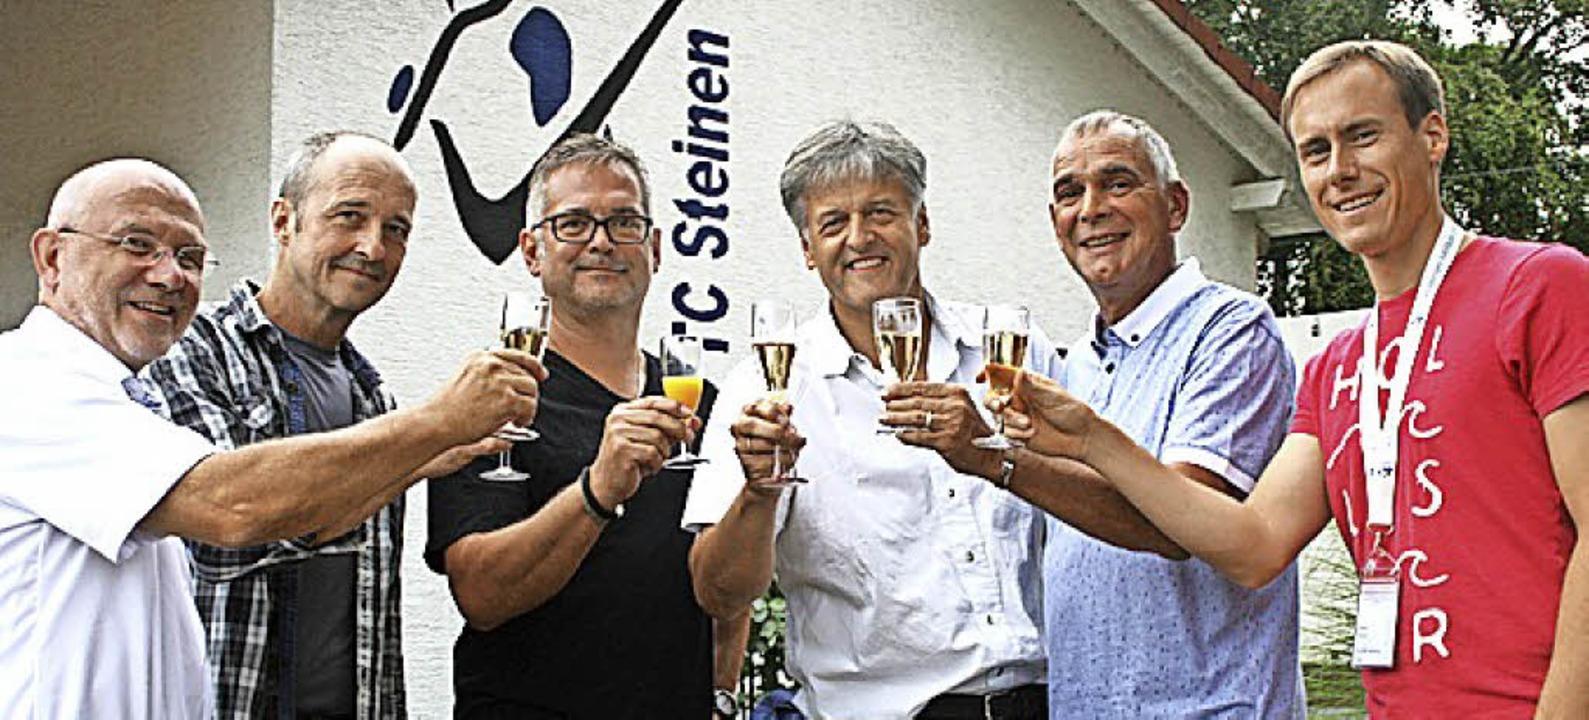 <BZ-FotoAnlauf>Tennis-Club Steinen</BZ...on rechts) zum Ehrenmitglied ernannt.   | Foto: Ralph Lacher